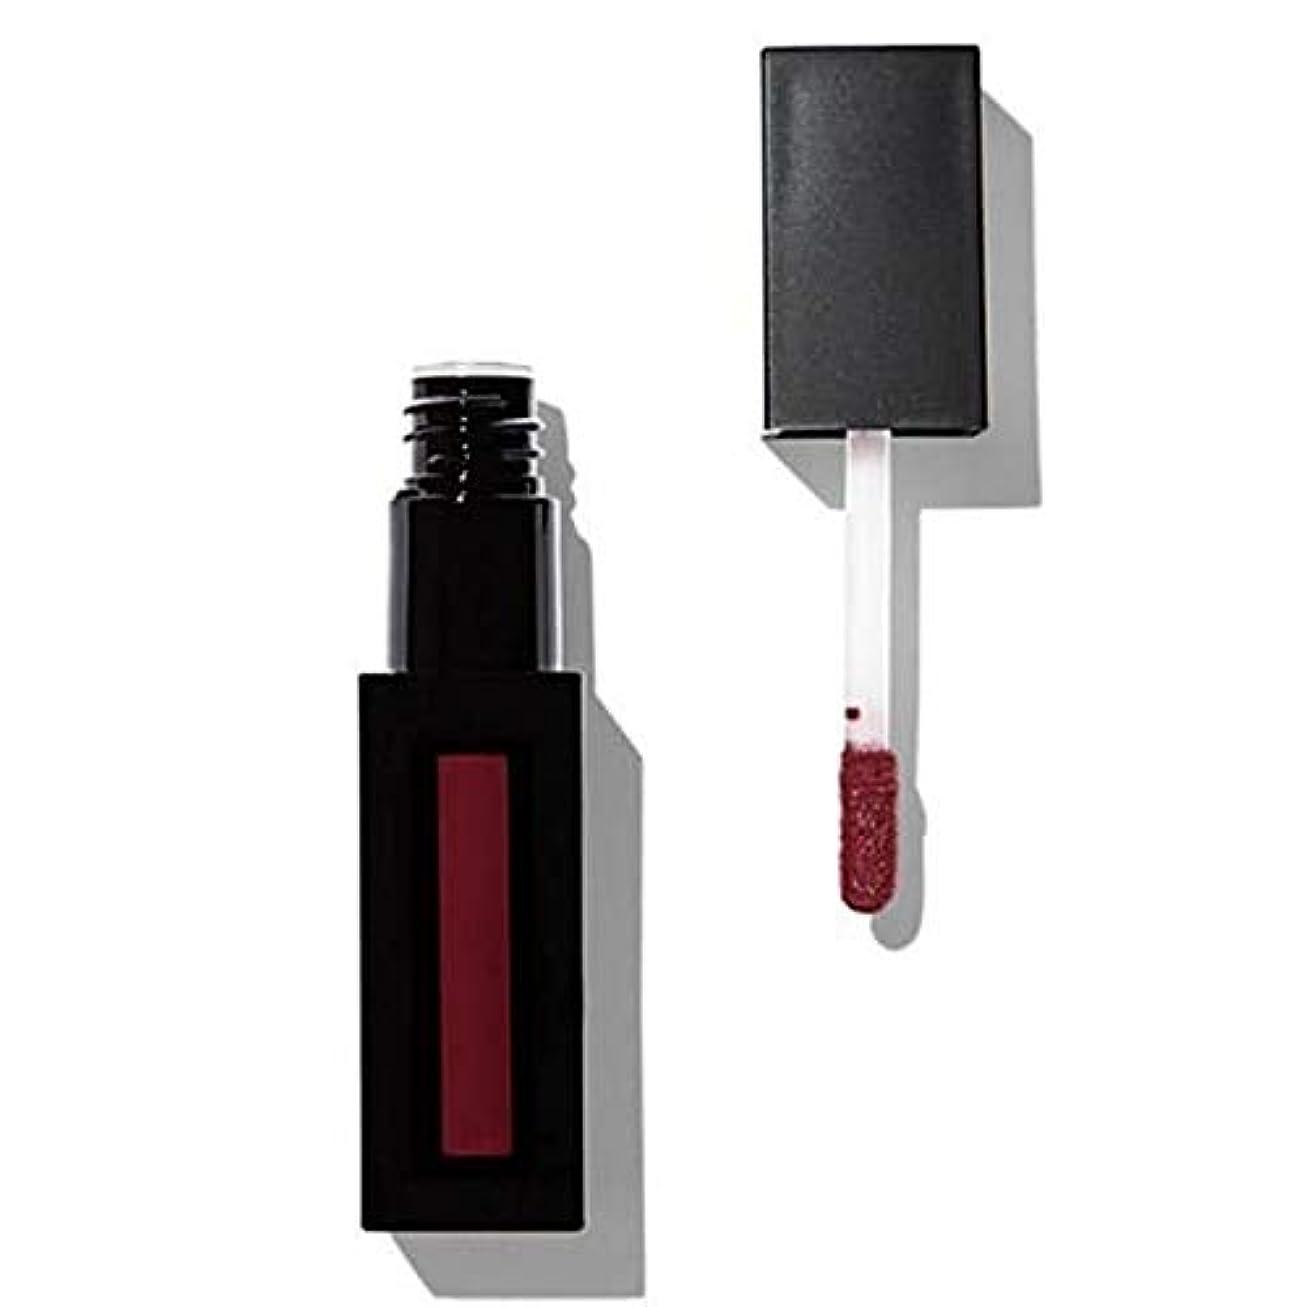 突撃ボトル本気[Revolution ] 革命プロ最高のマットリップ顔料先見の明 - Revolution Pro Supreme Matte Lip Pigment Foresight [並行輸入品]